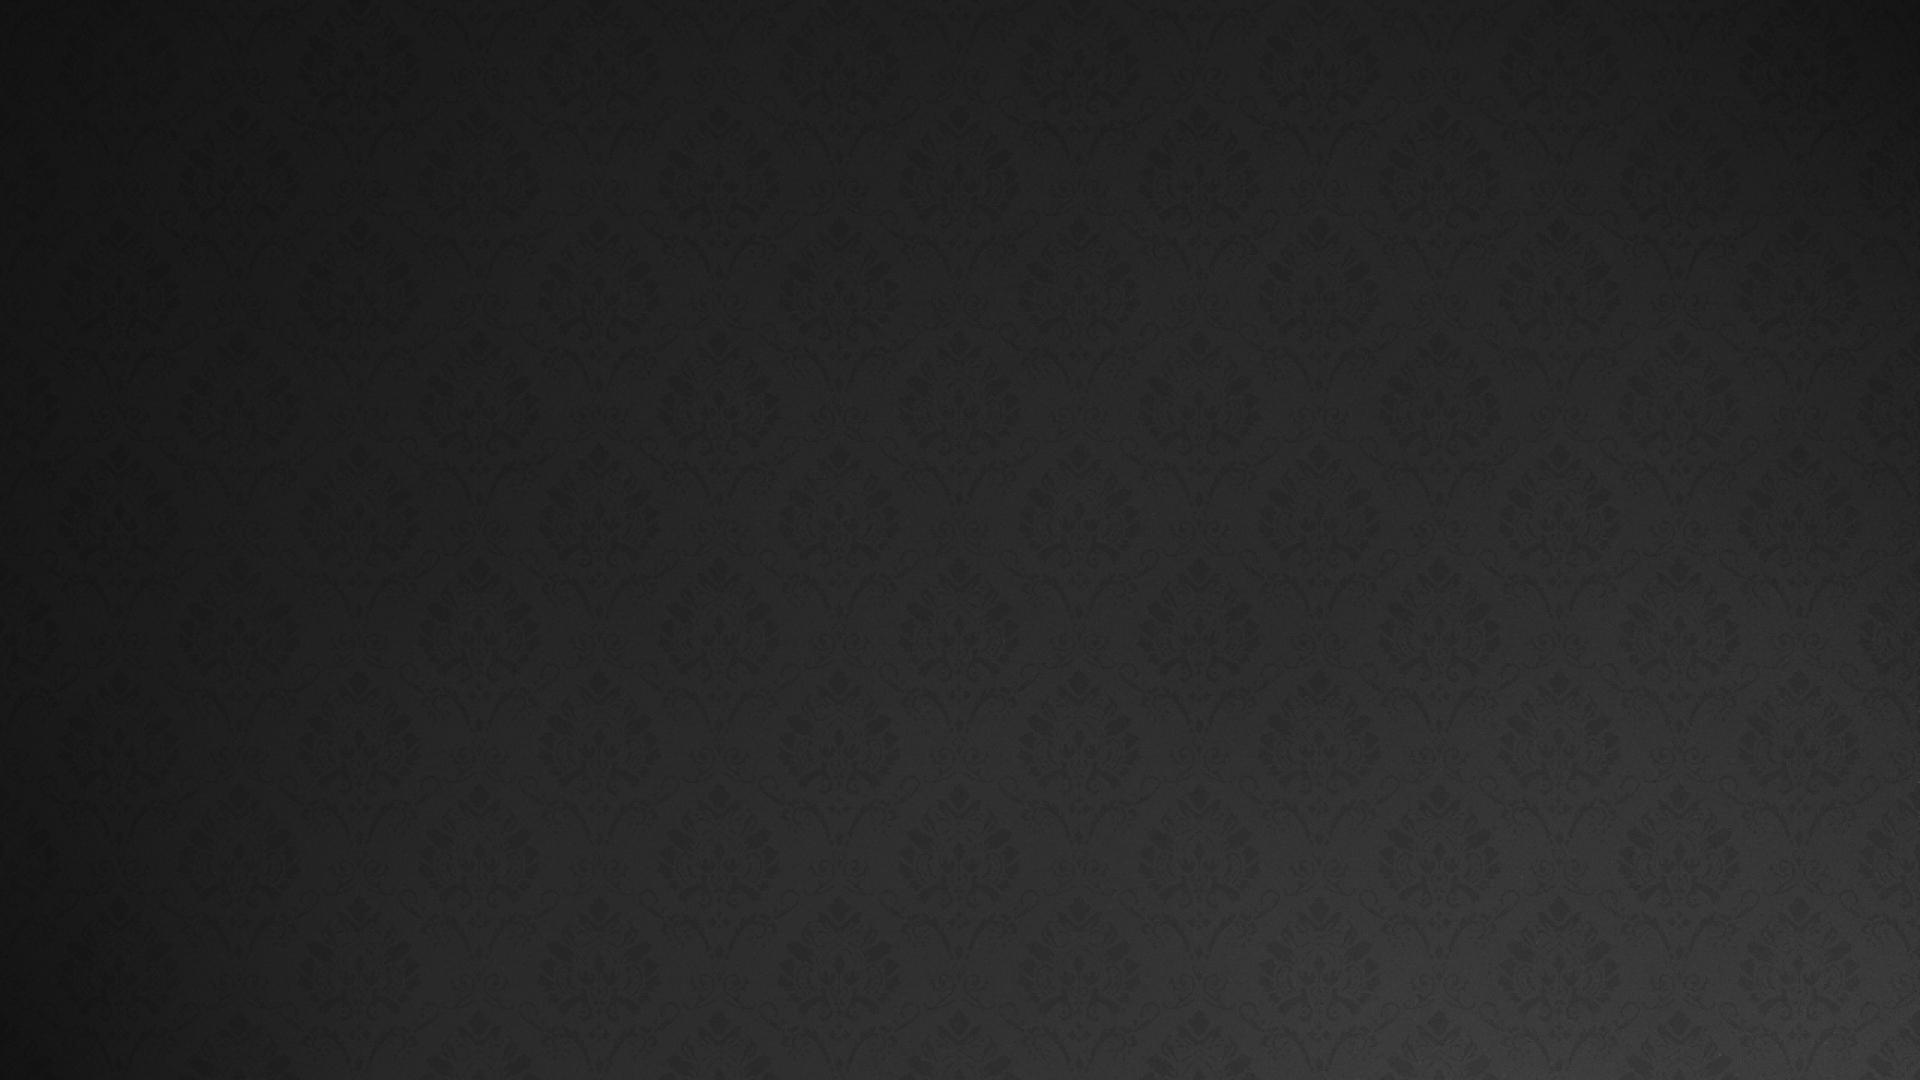 Grey Wallpaper Hd: Grey Wallpaper HD (75+ Images